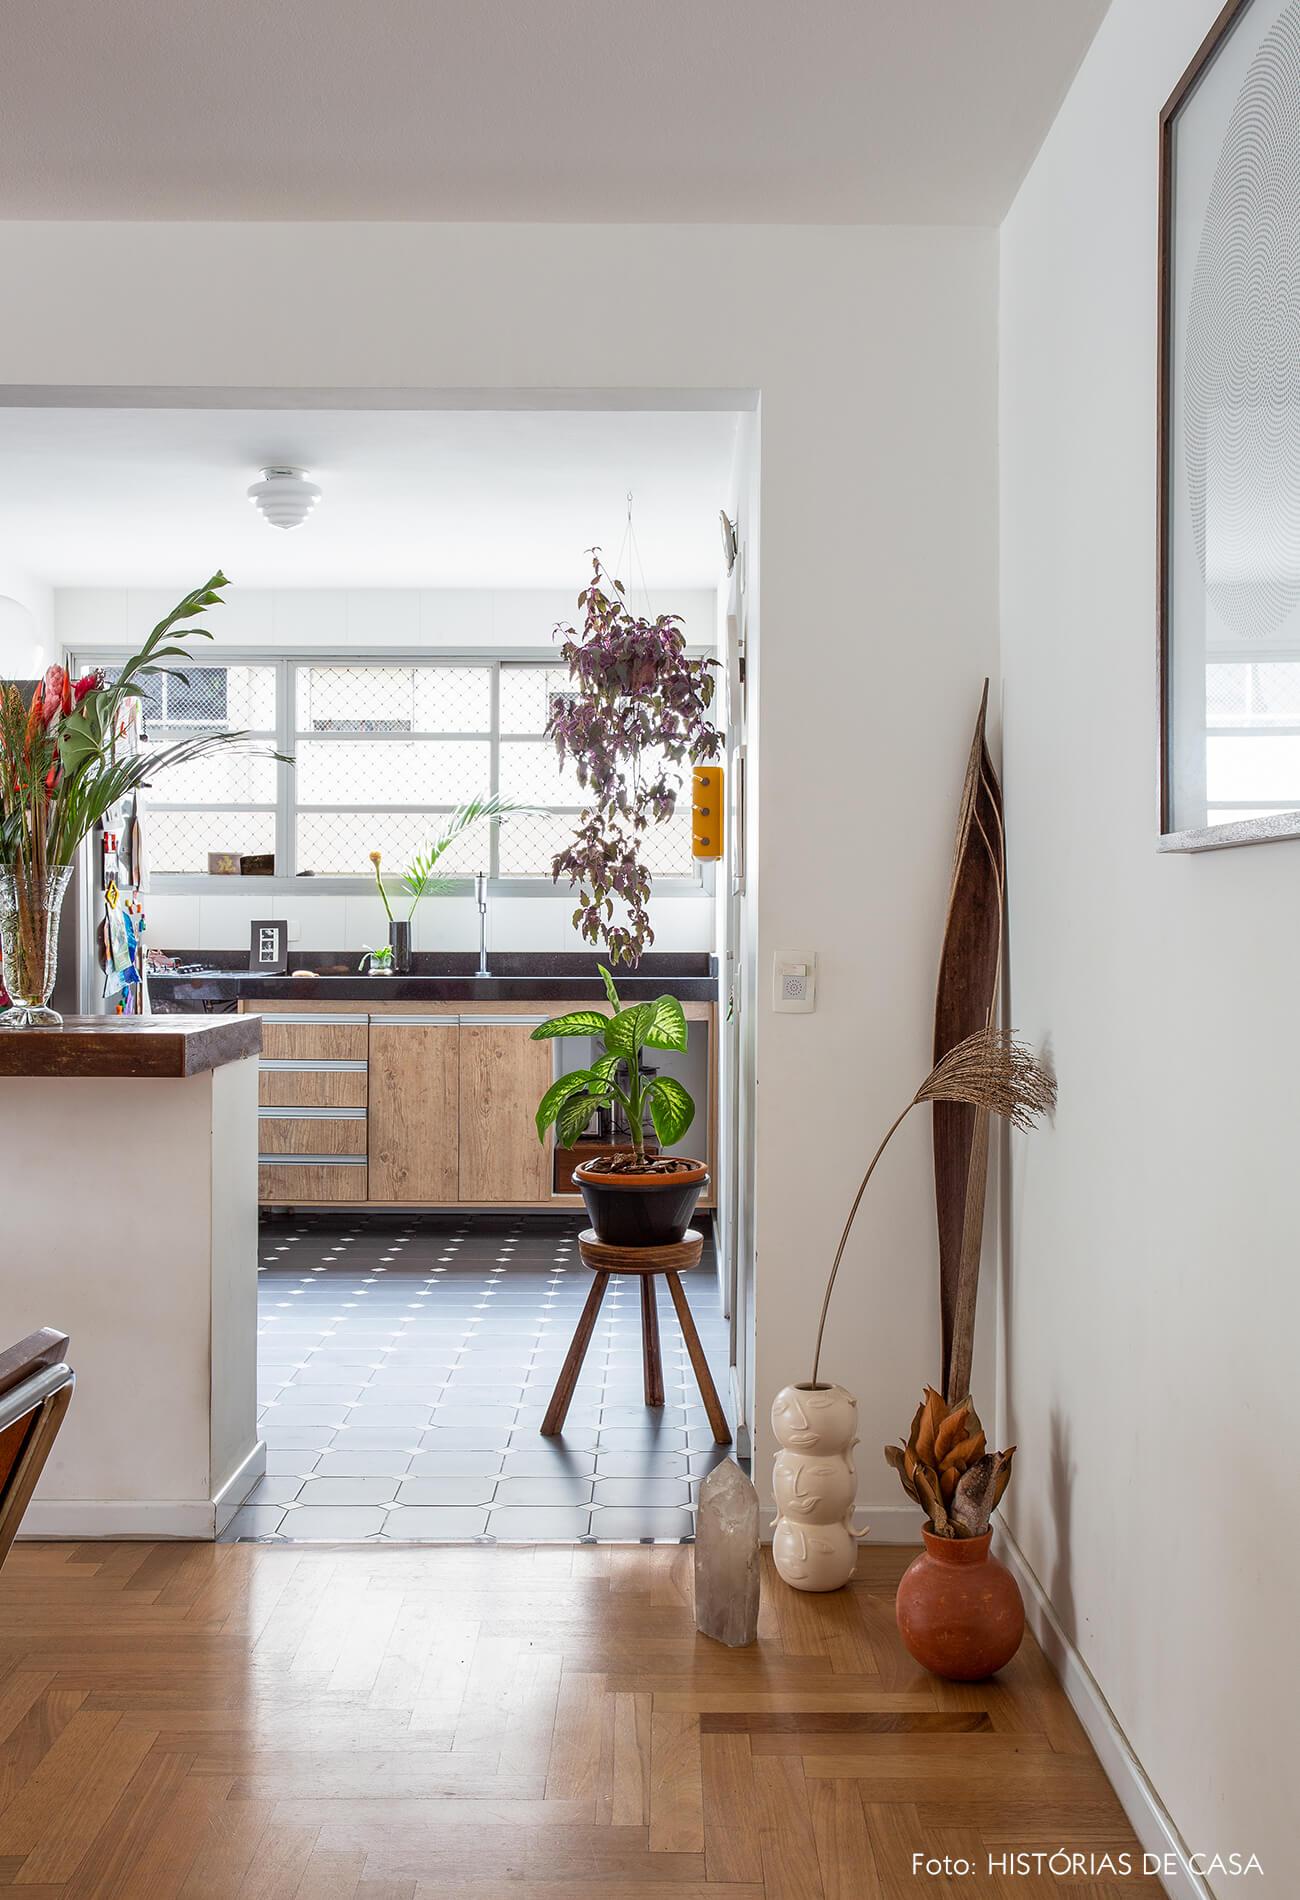 decoração cozinha com bancada de madeira e plantas